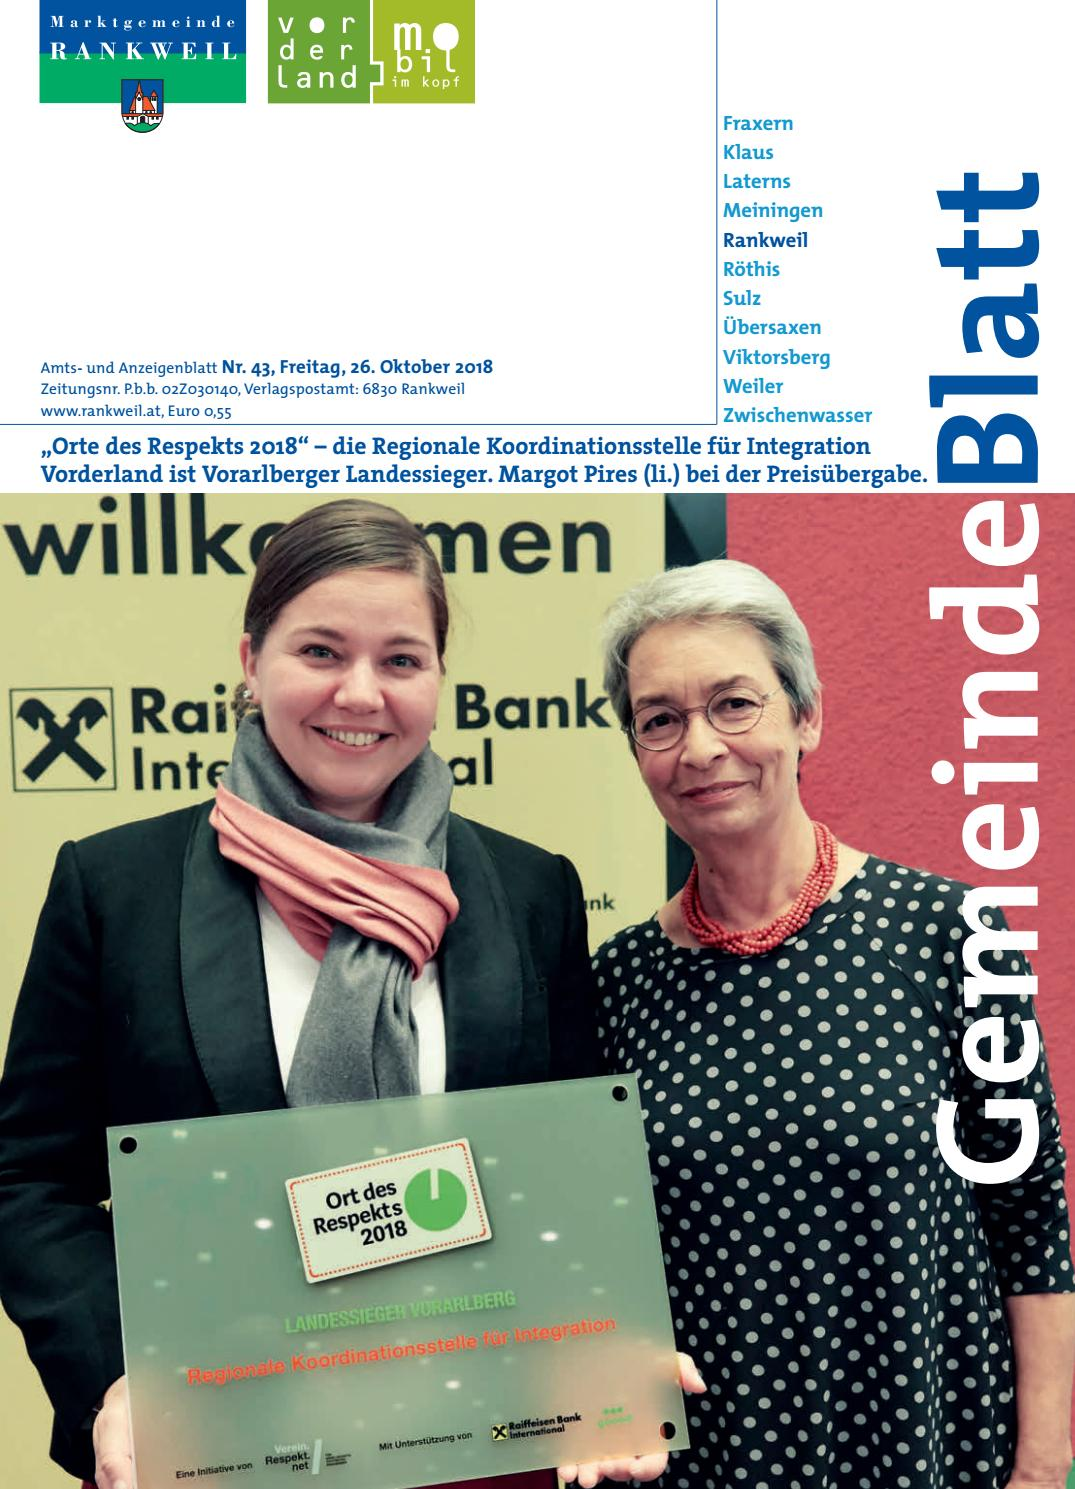 Partnersuche Mit Kontaktanzeigen Rankweil, Austria Dating